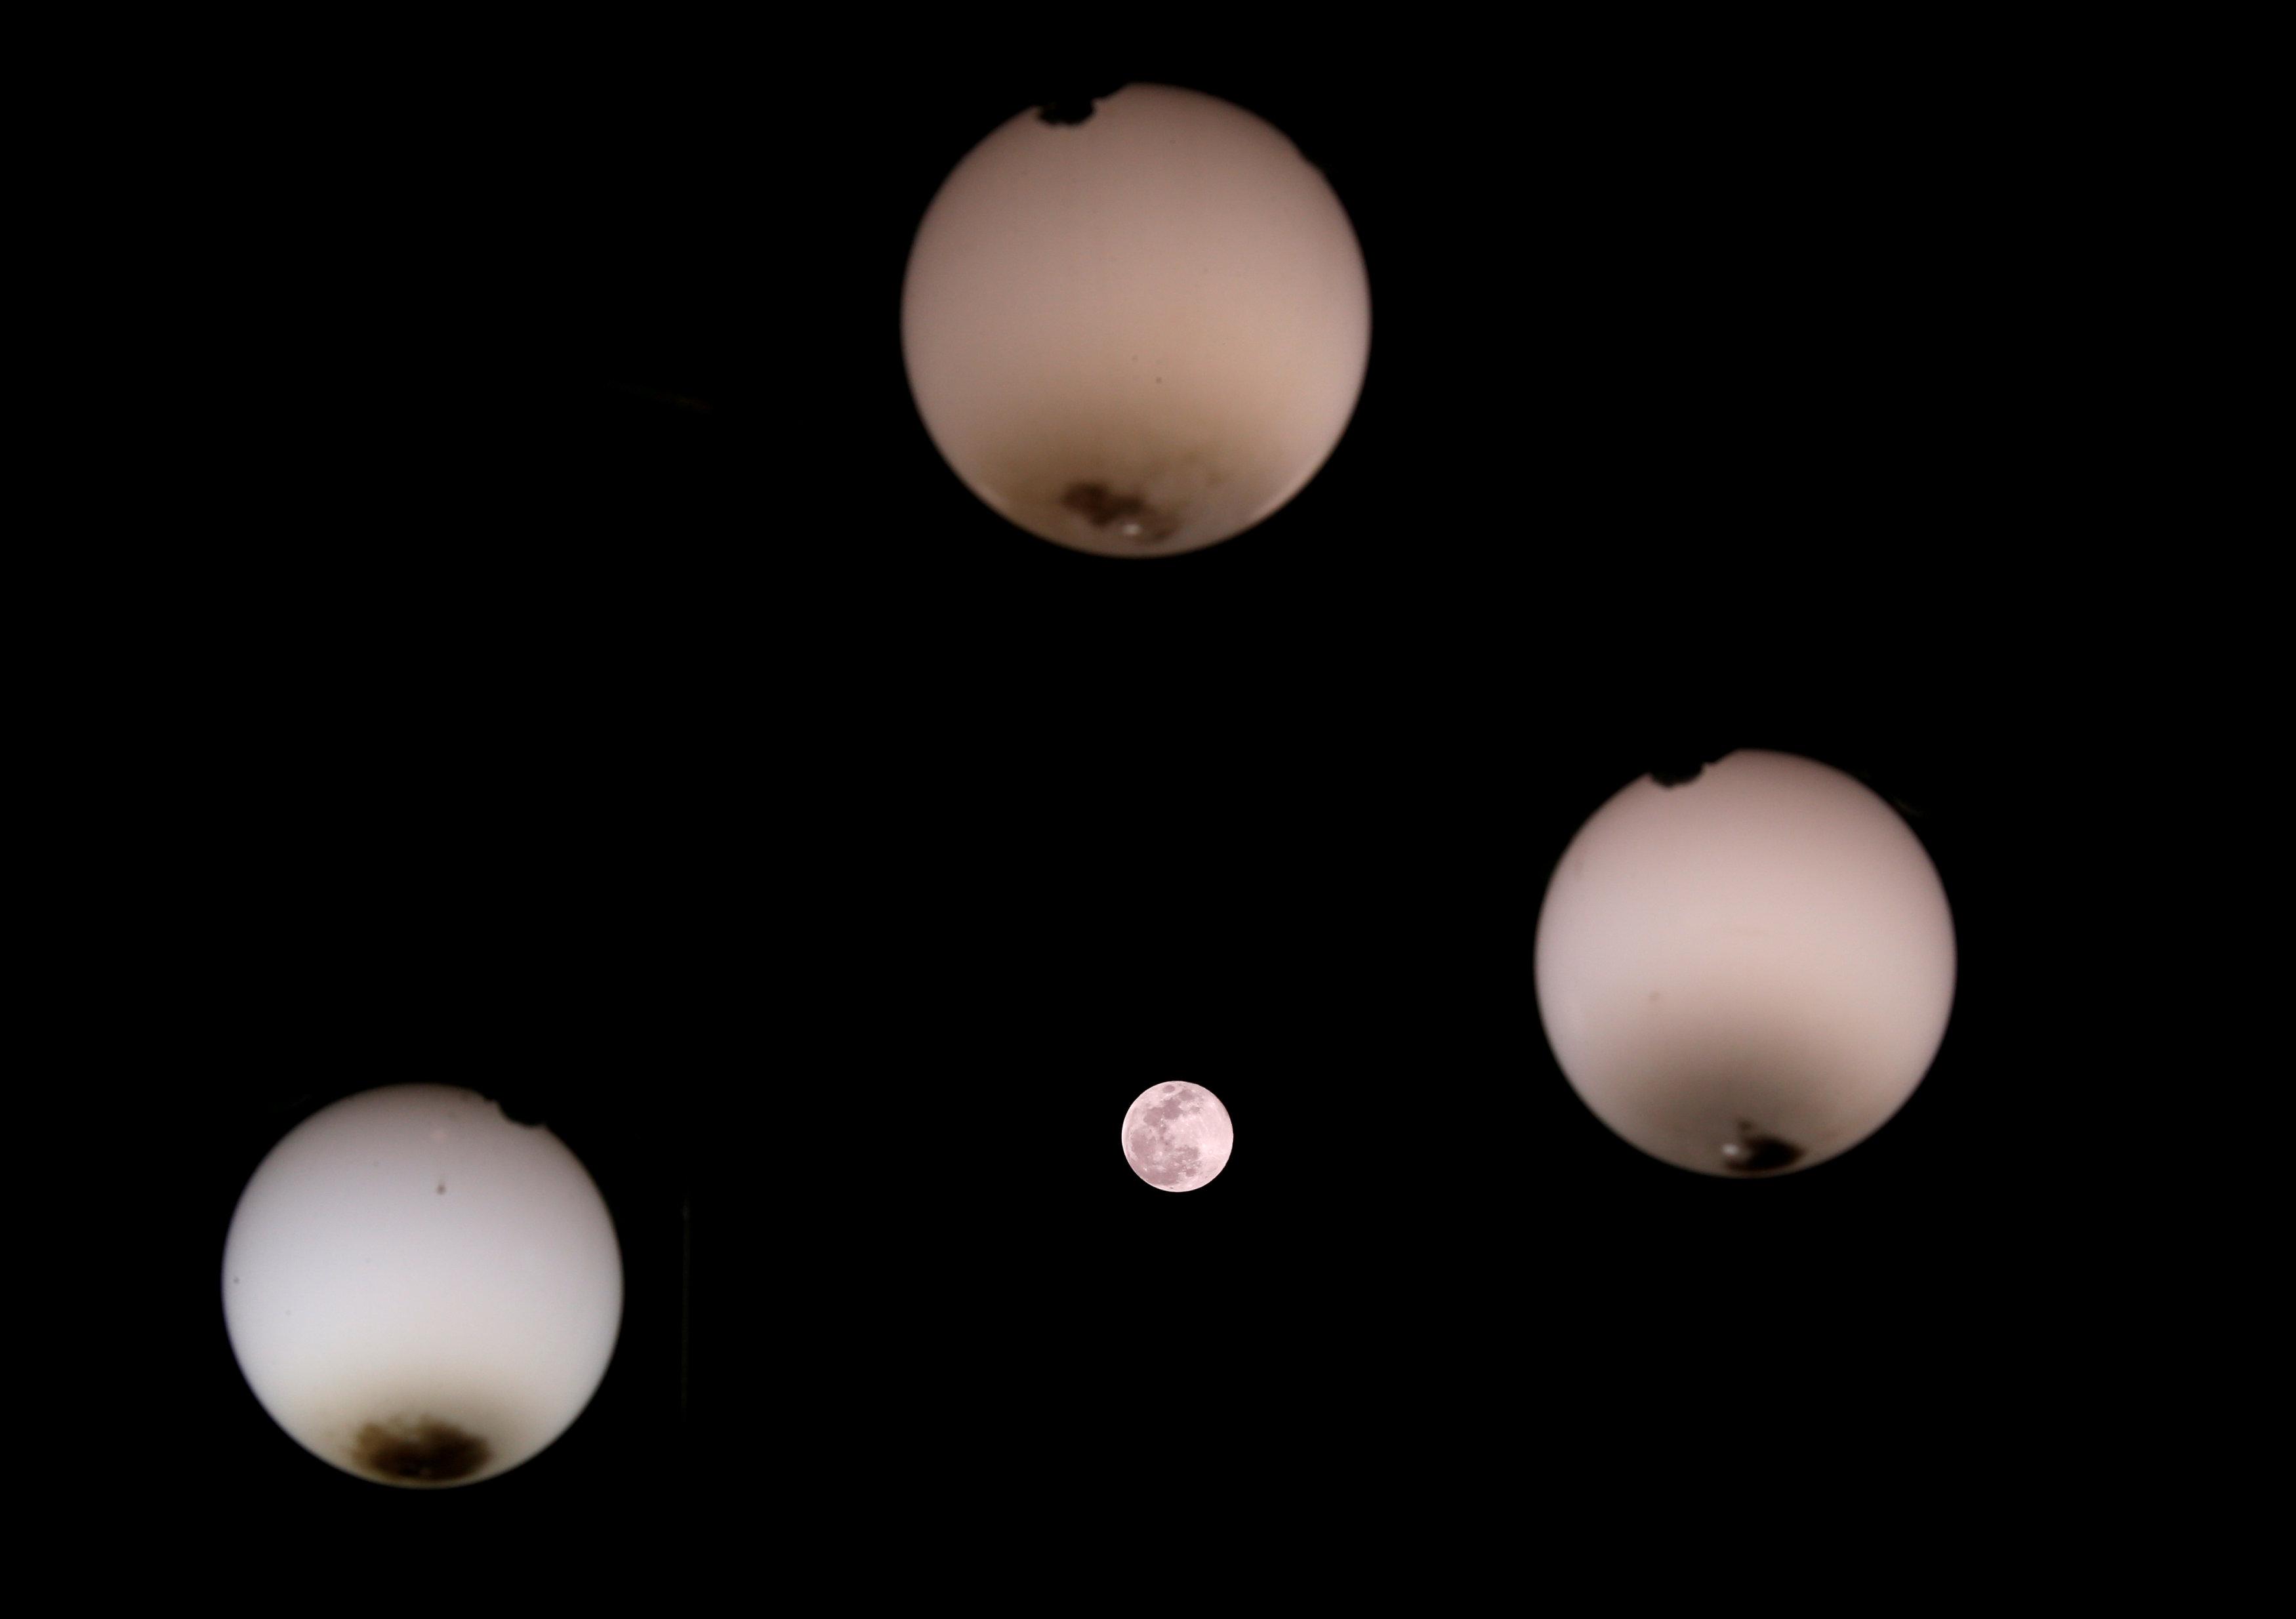 القمر العملاق فى مالطا